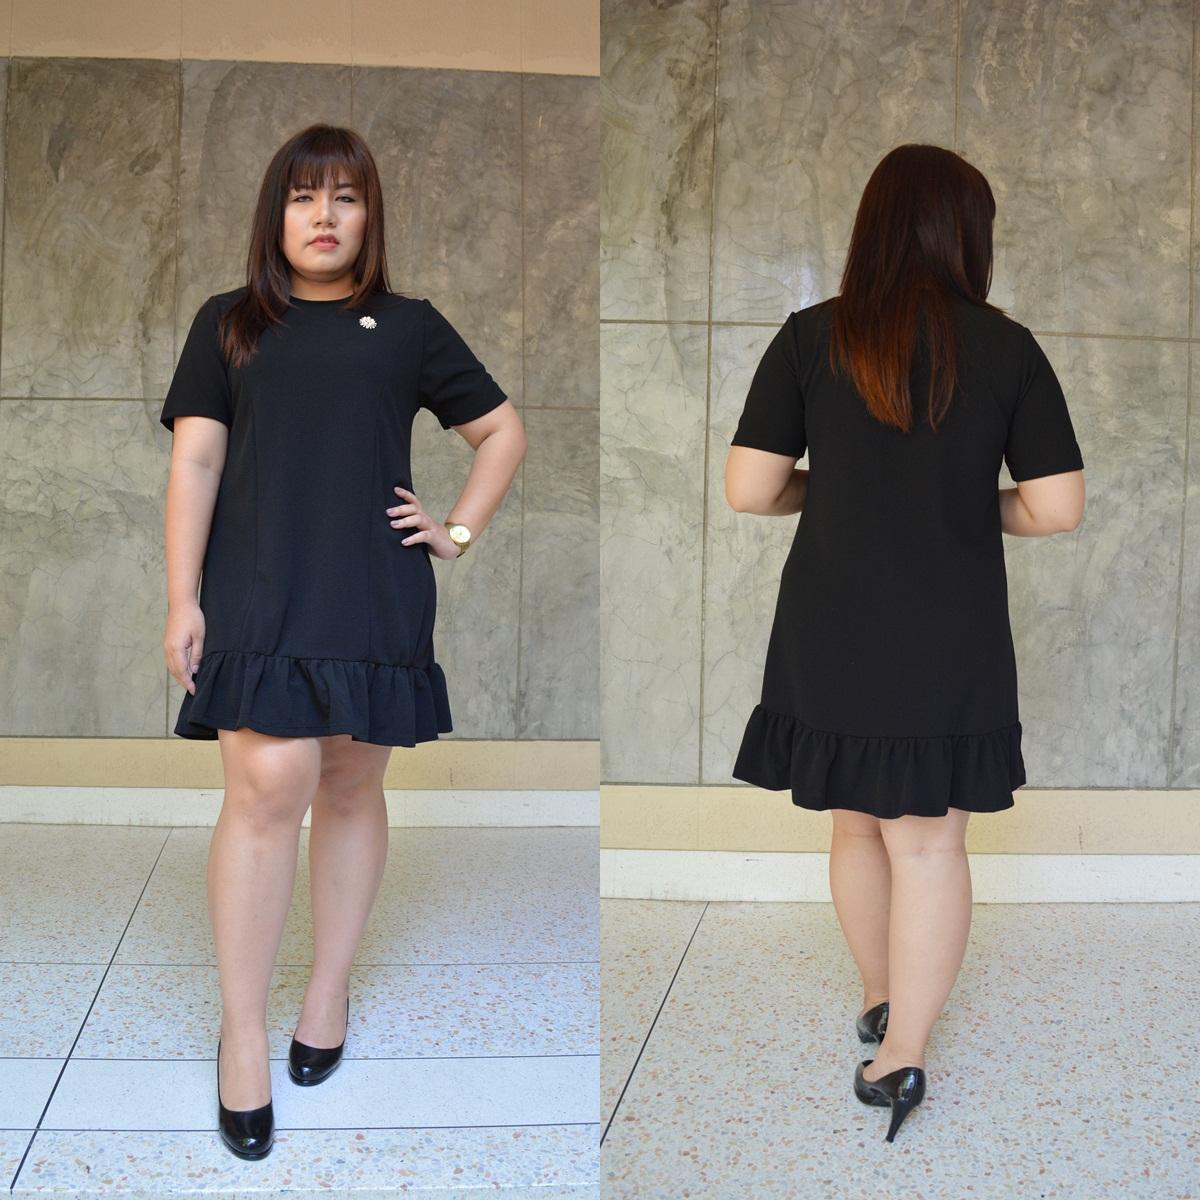 ชุดดำพร้อมส่ง สำหรับสาวอวบ++ F 36-43 นิ้ว T5108